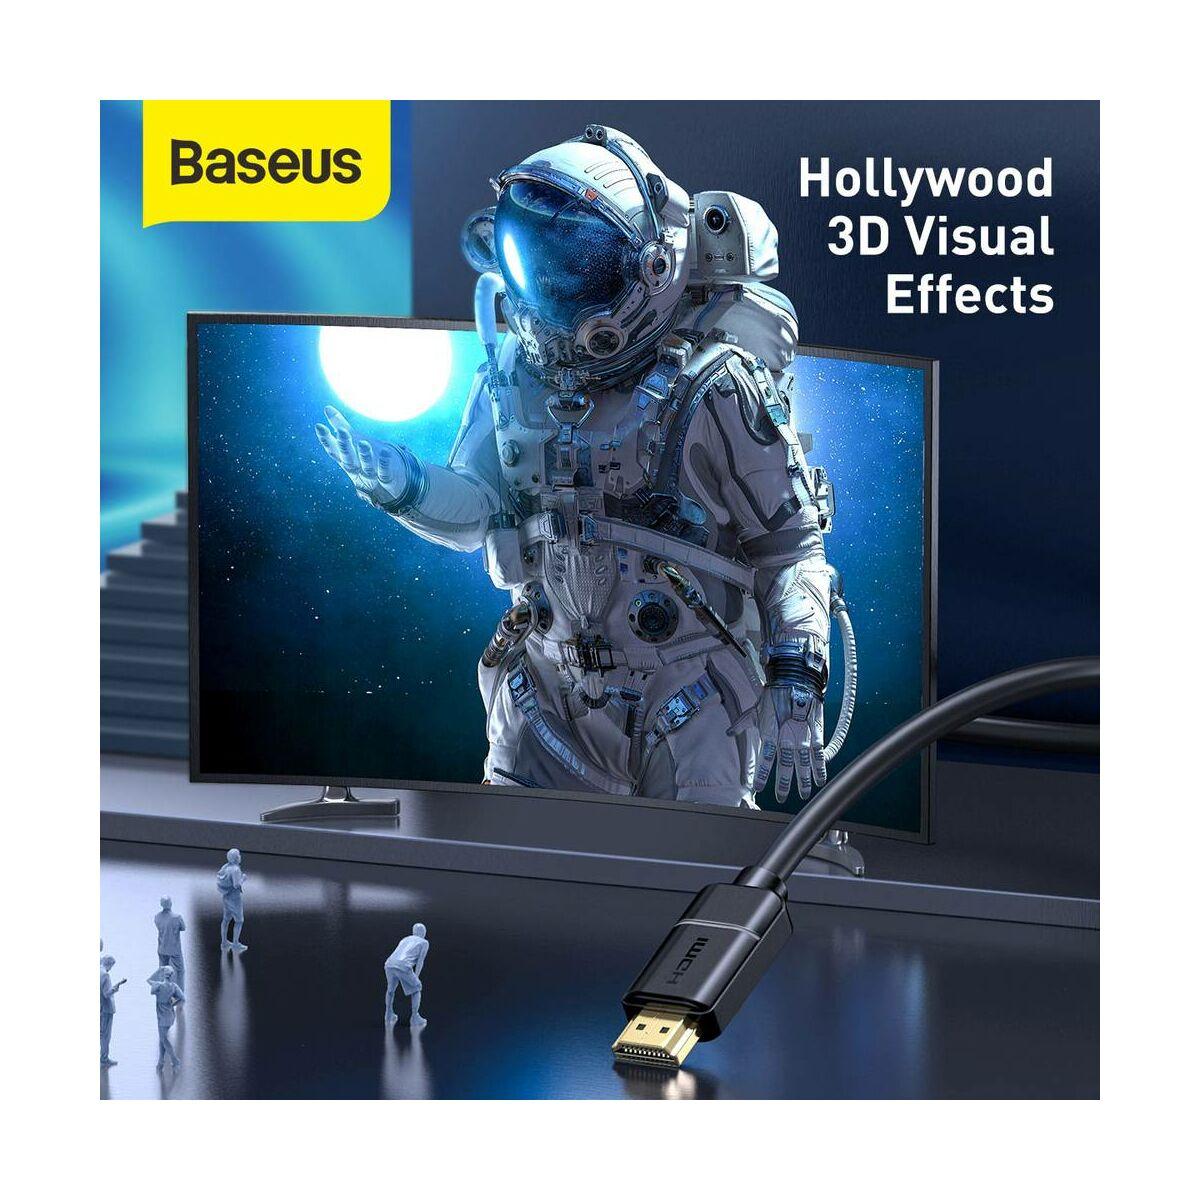 Baseus Videó kábel, High definition sorozat HDMI - 4K HDMI 15m, fekete (CAKGQ-H01)